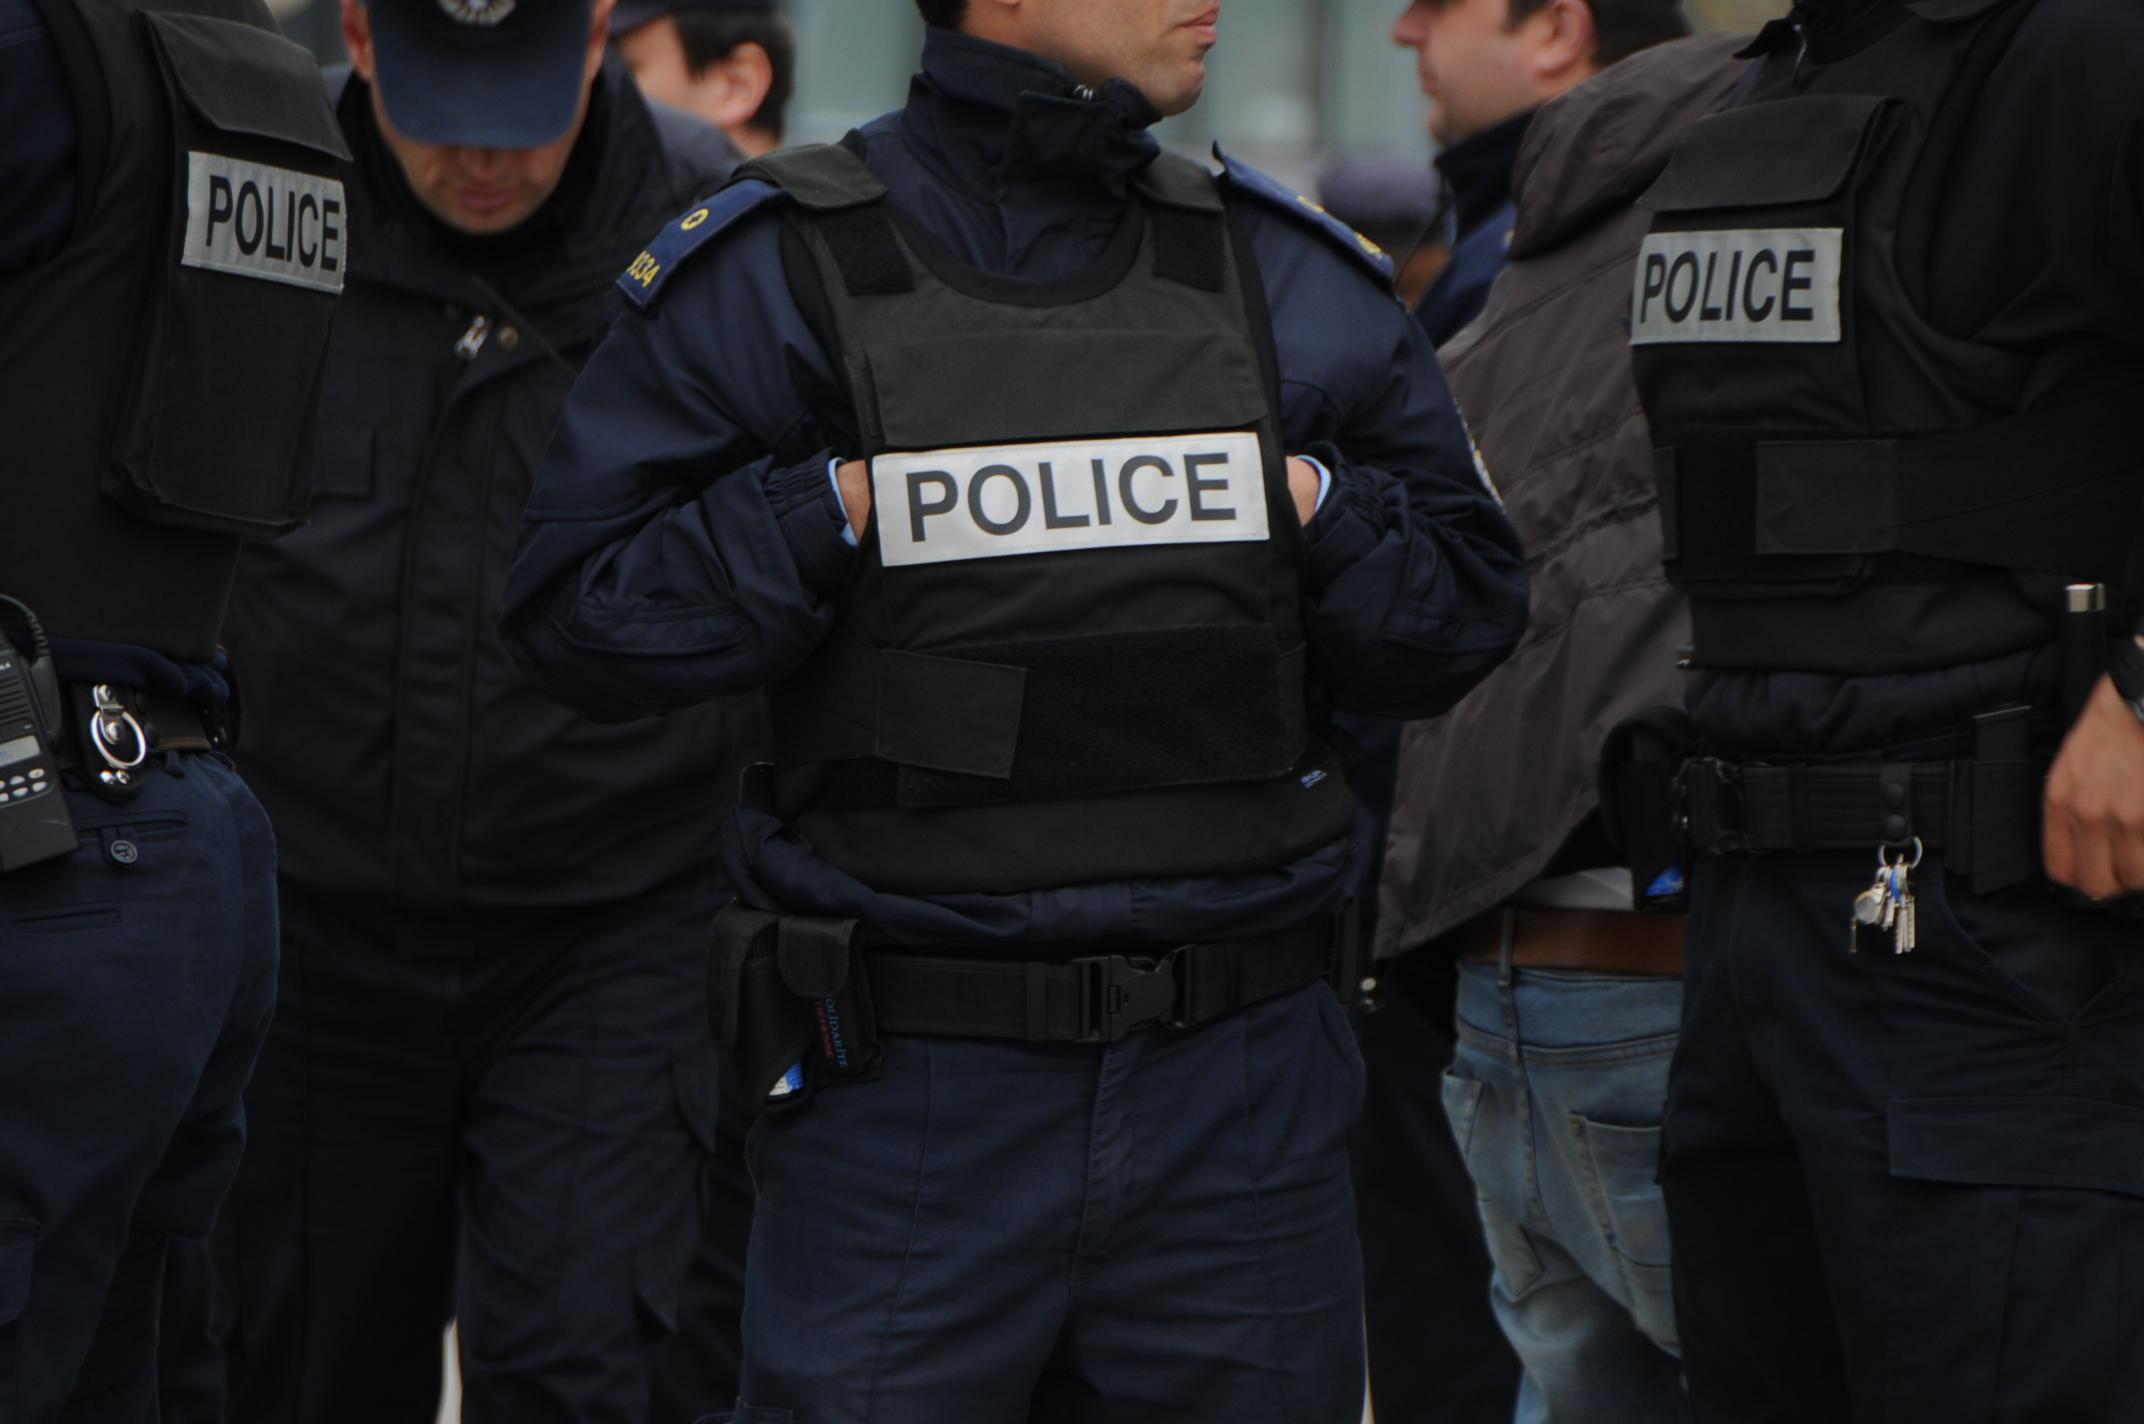 Policia udhëhiqet me ushtrues detyre, Sindikata thotë se kjo nuk ndikon në efikasitet